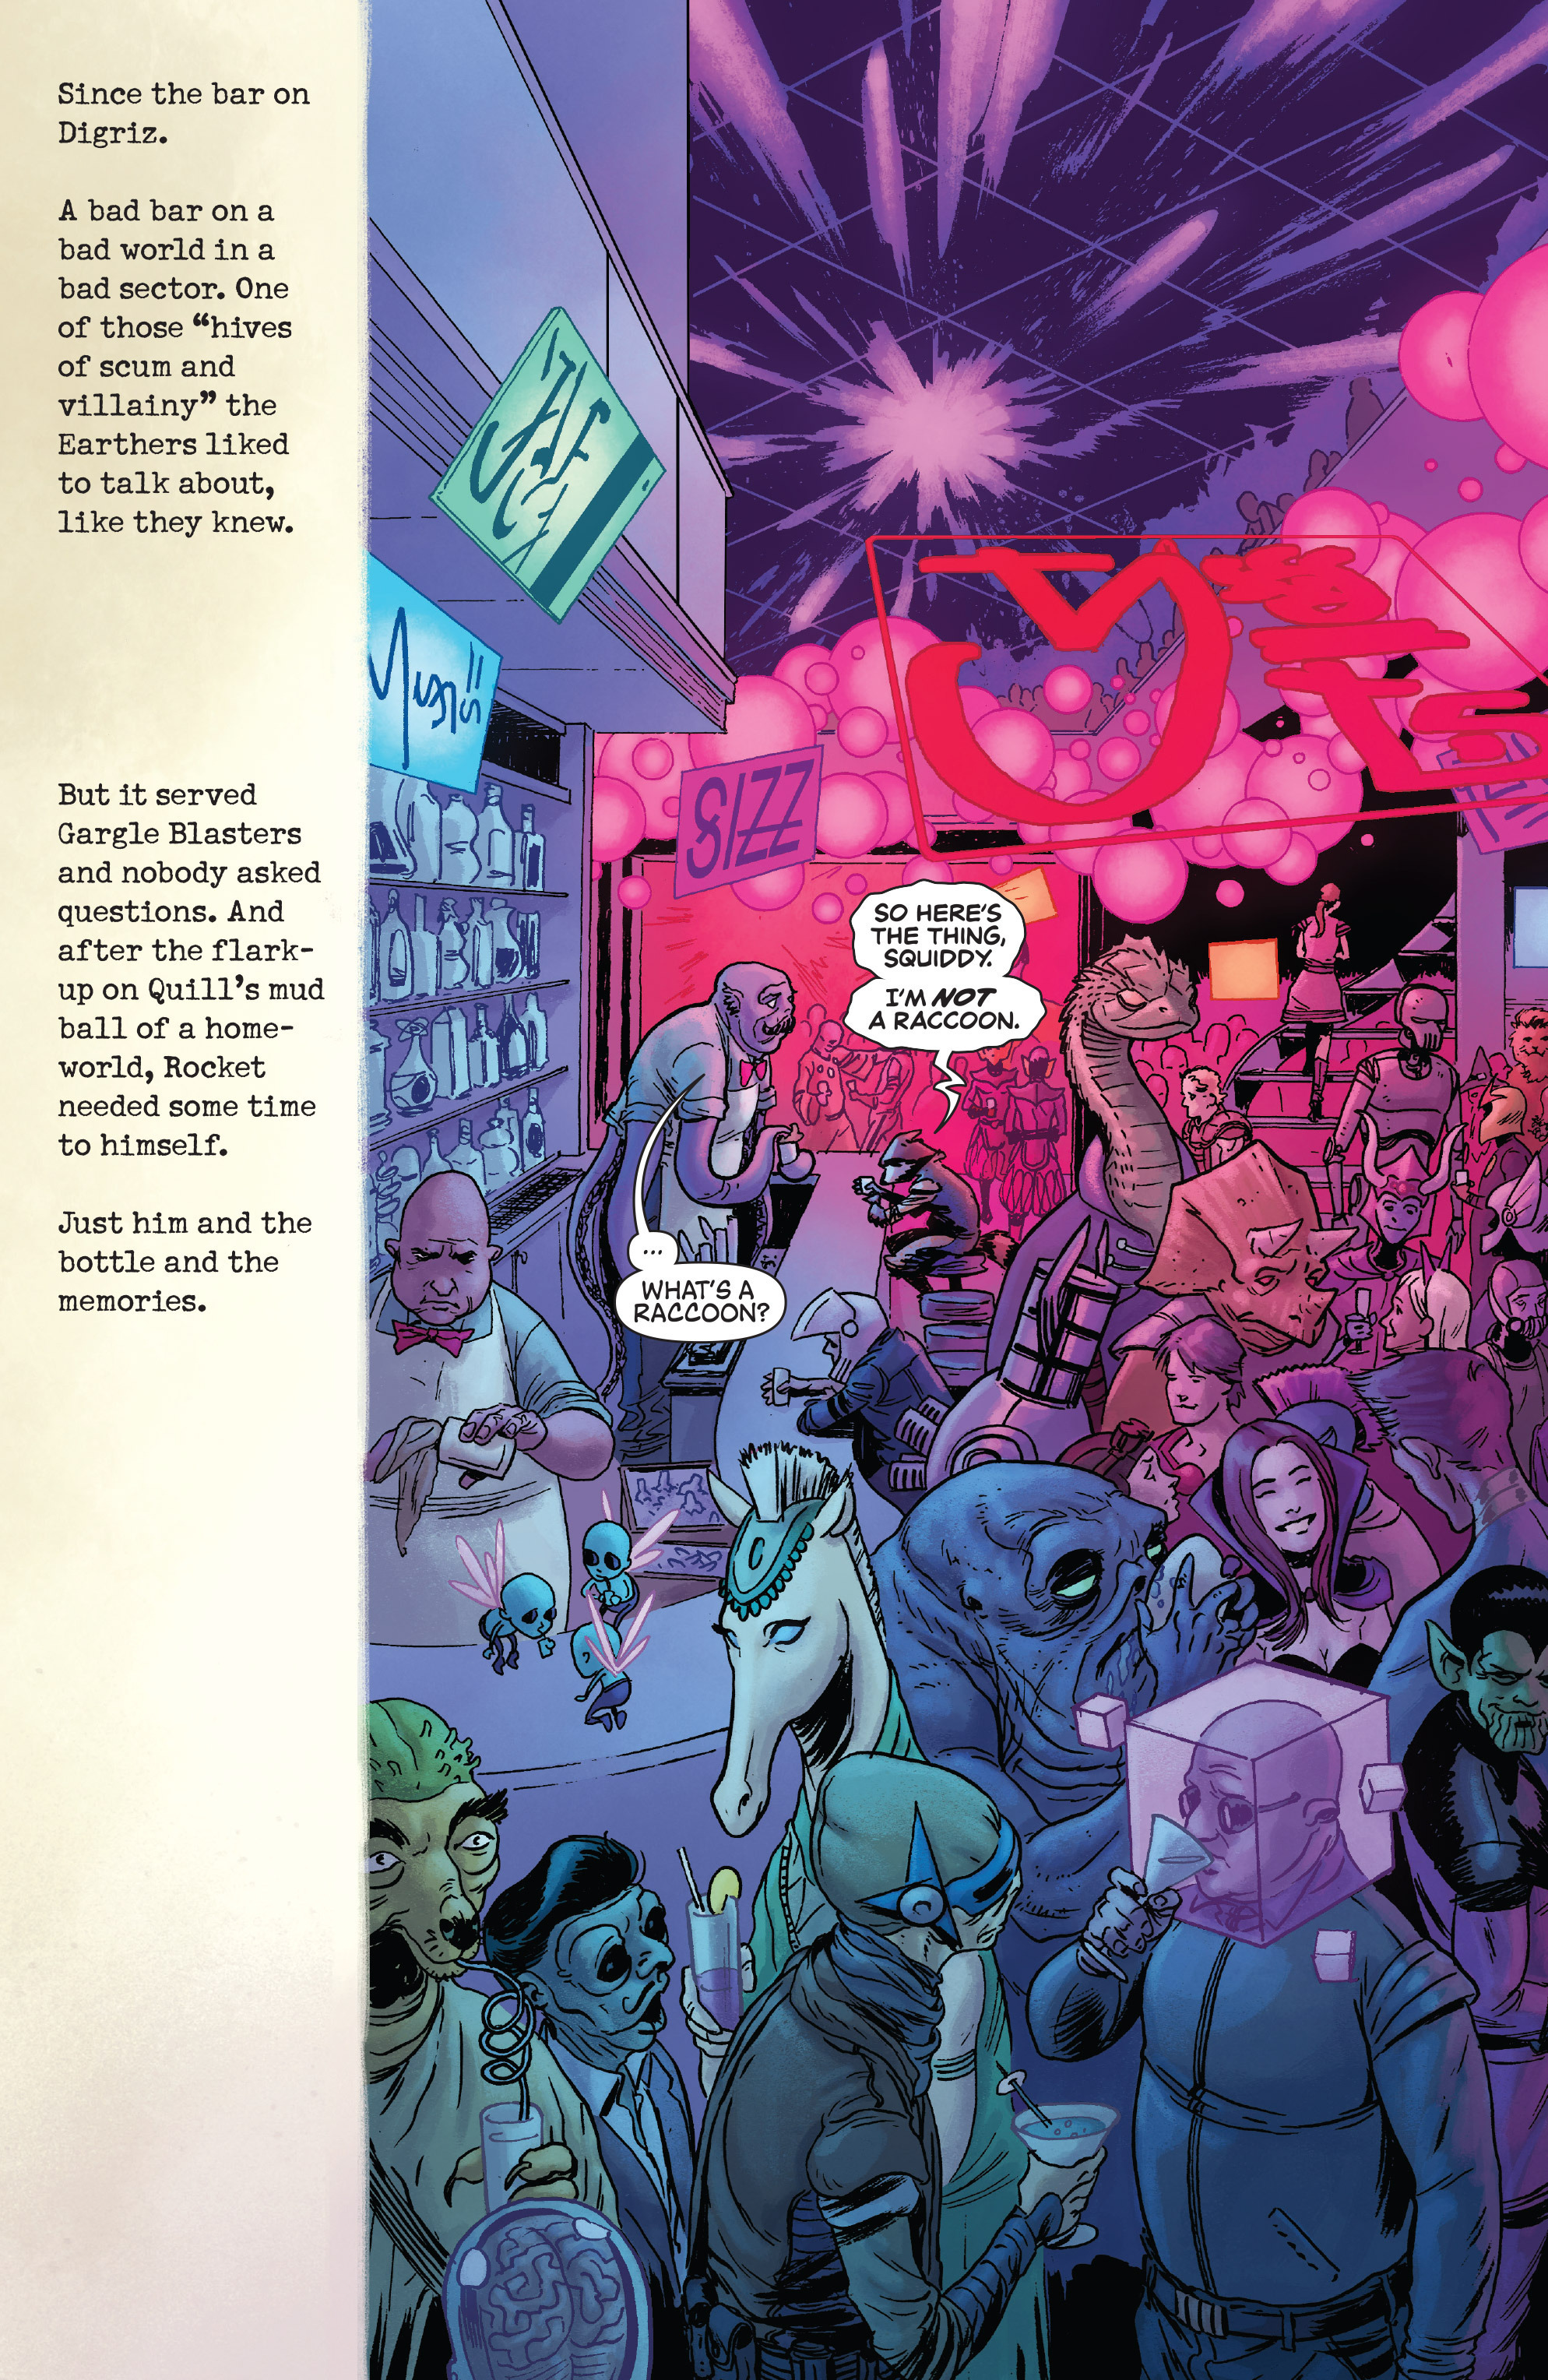 Read online Rocket comic -  Issue #1 - 4